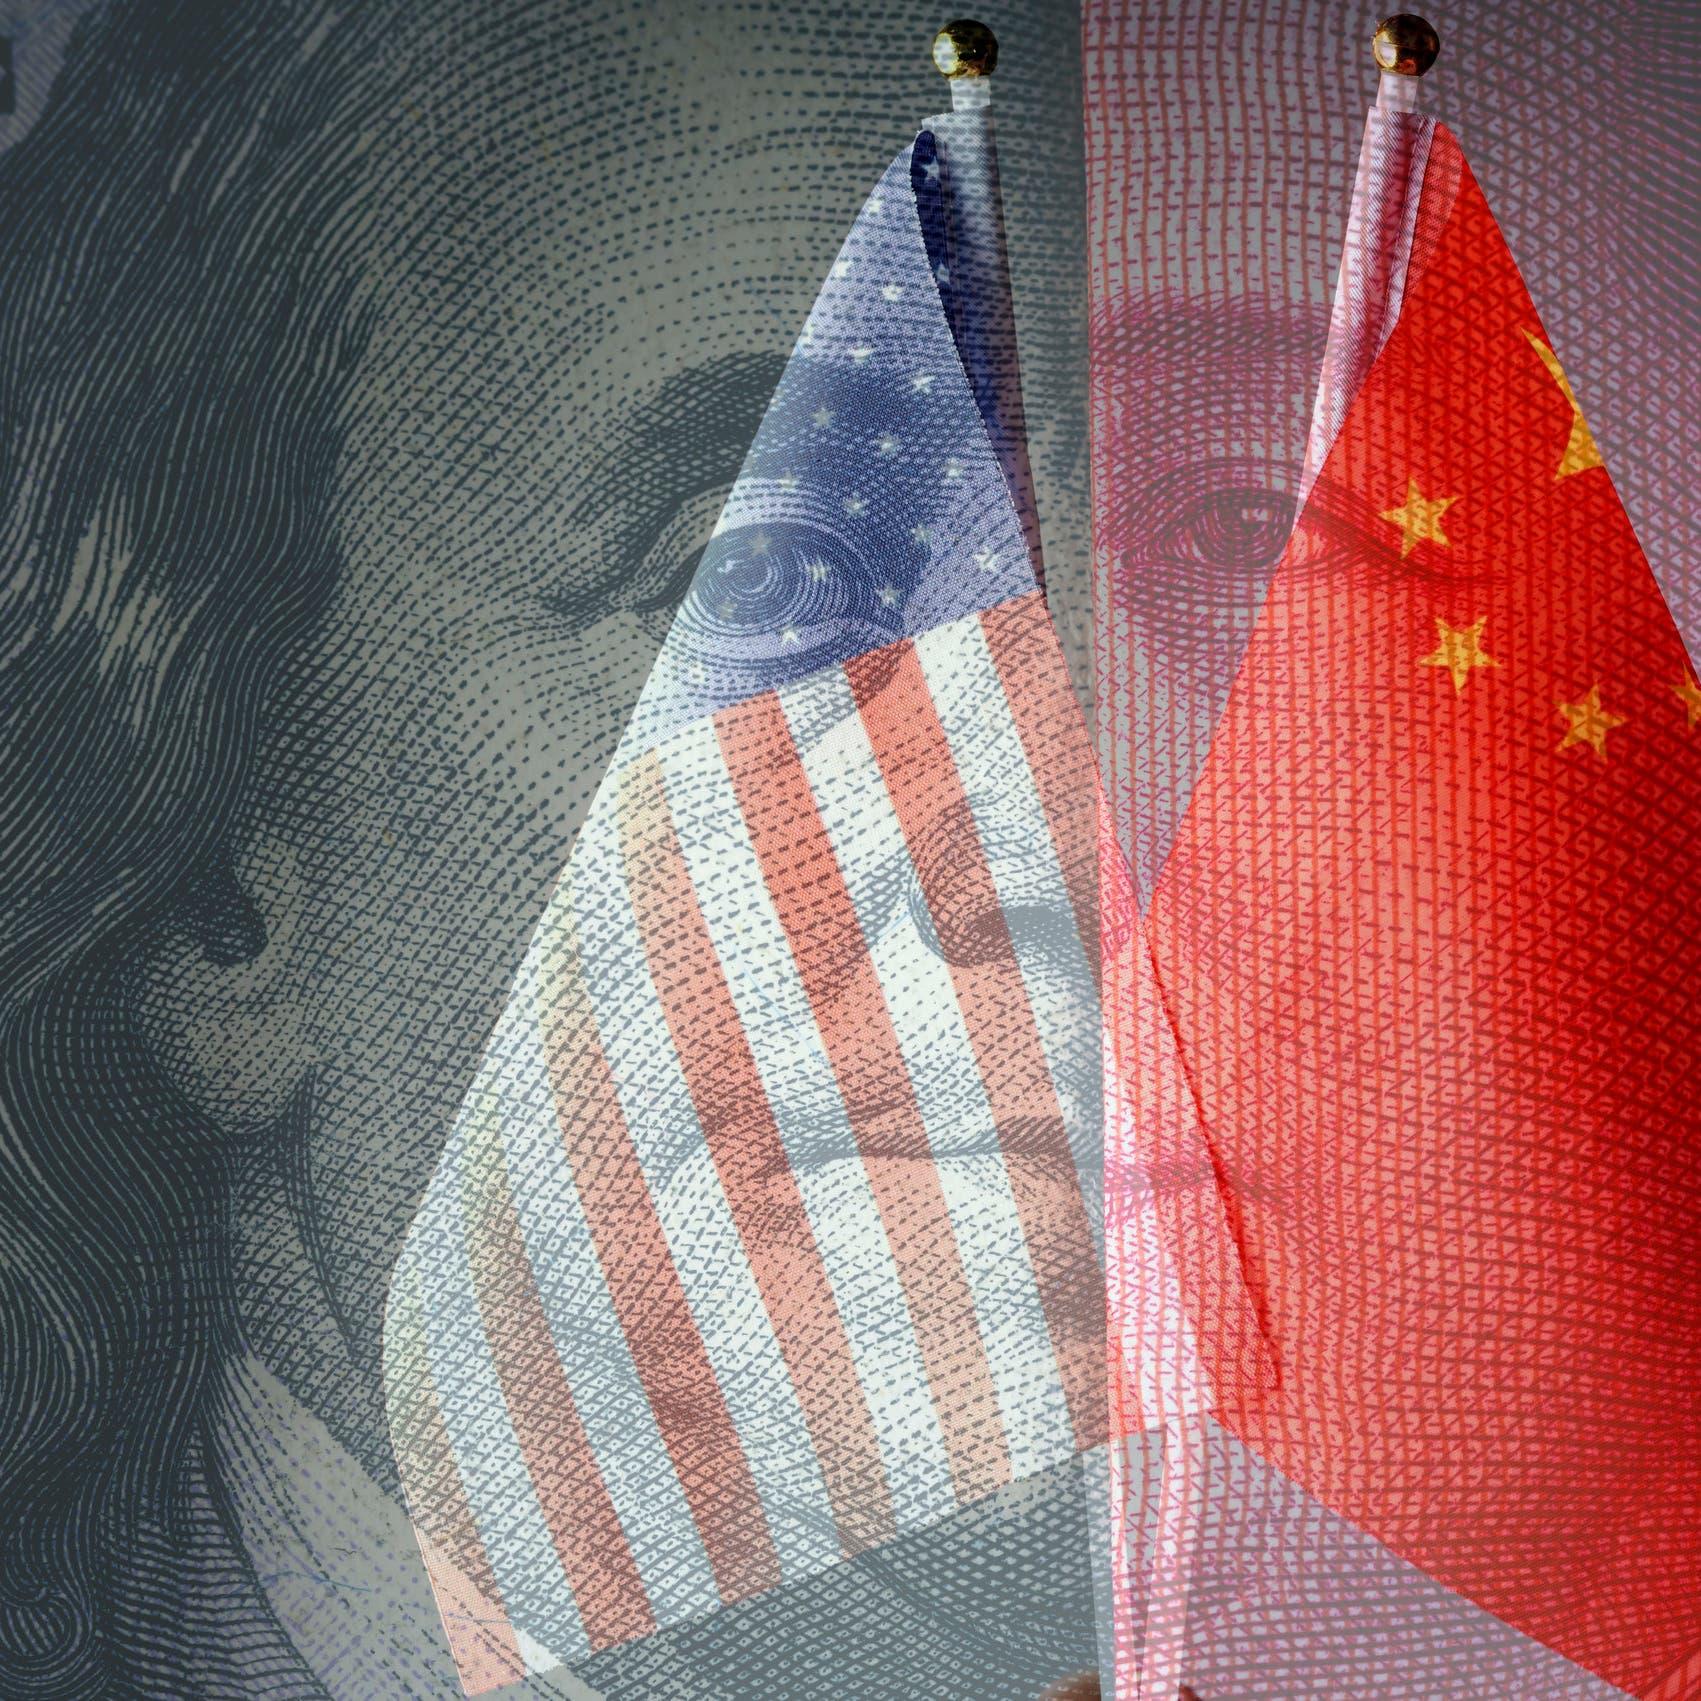 فائضالصين التجاري مع أميركا يتقلص إلى 21 مليار دولار